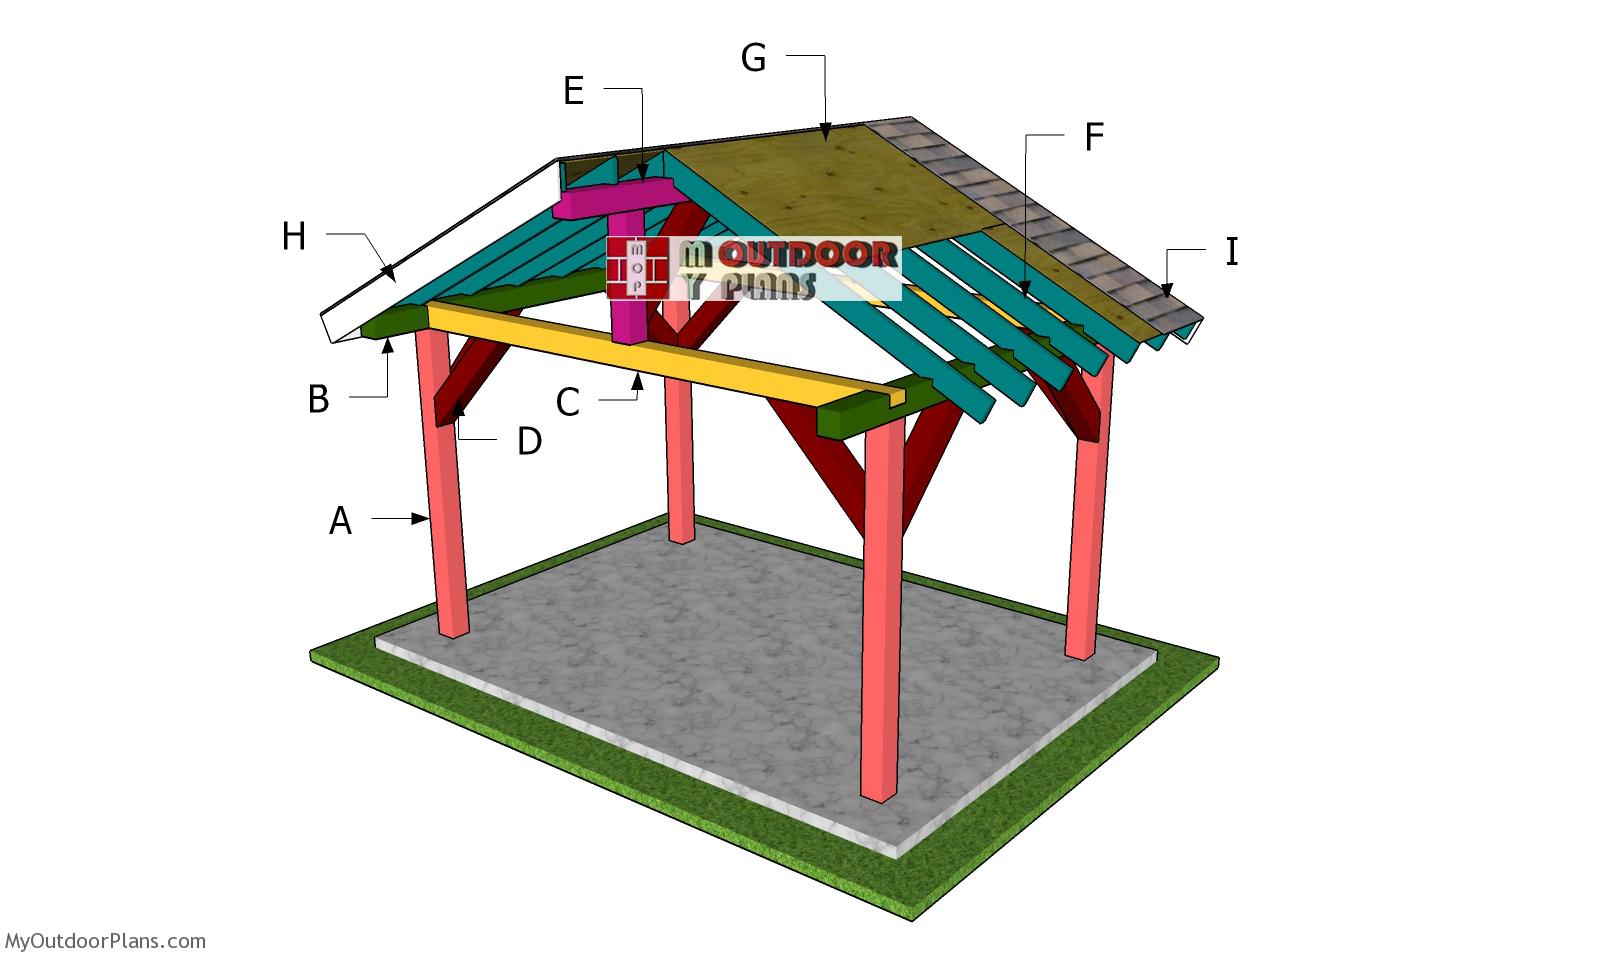 12x8 Gable Pavilion Roof Plans